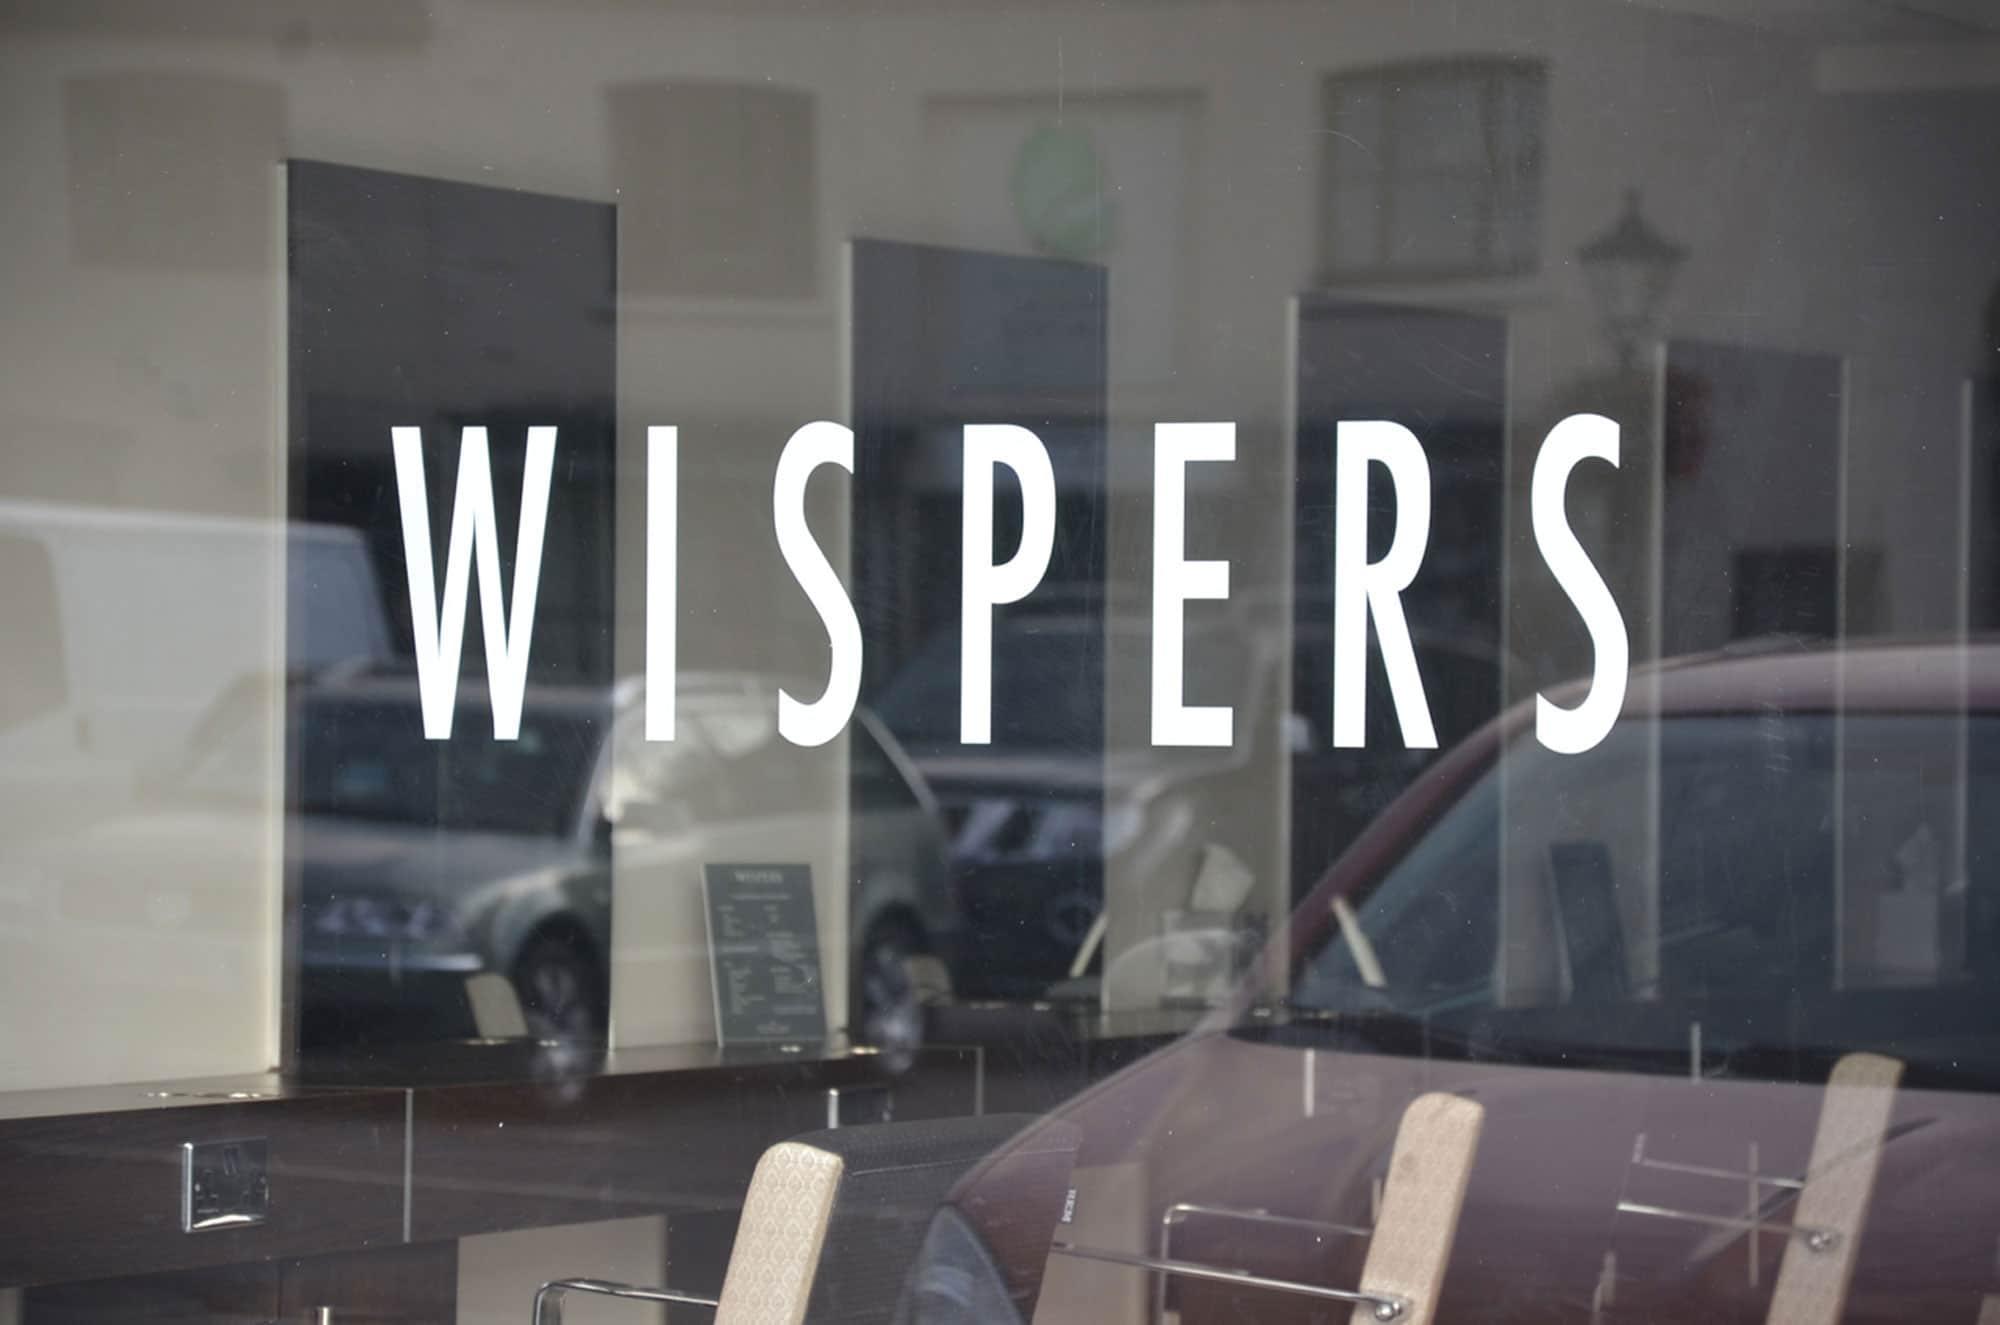 Wispers Ltd